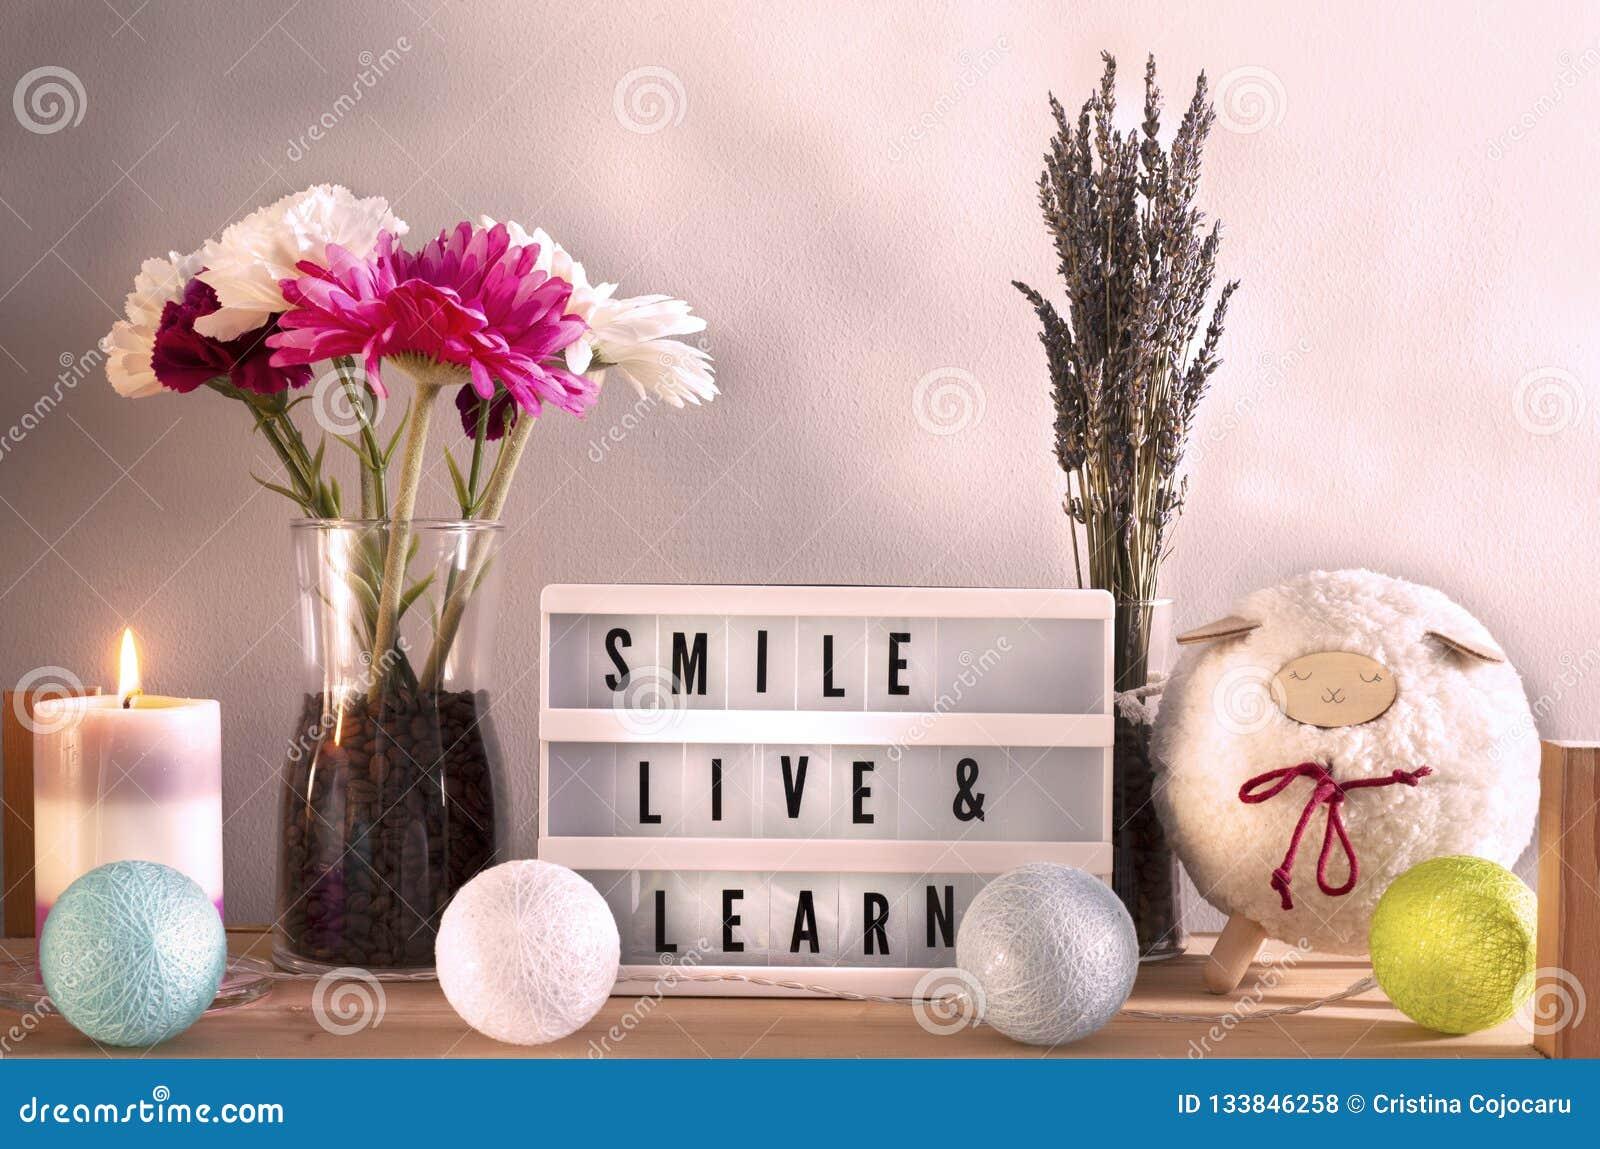 Kerze und Inneneinrichtung Lightbox mit inspirierend Mitteilung